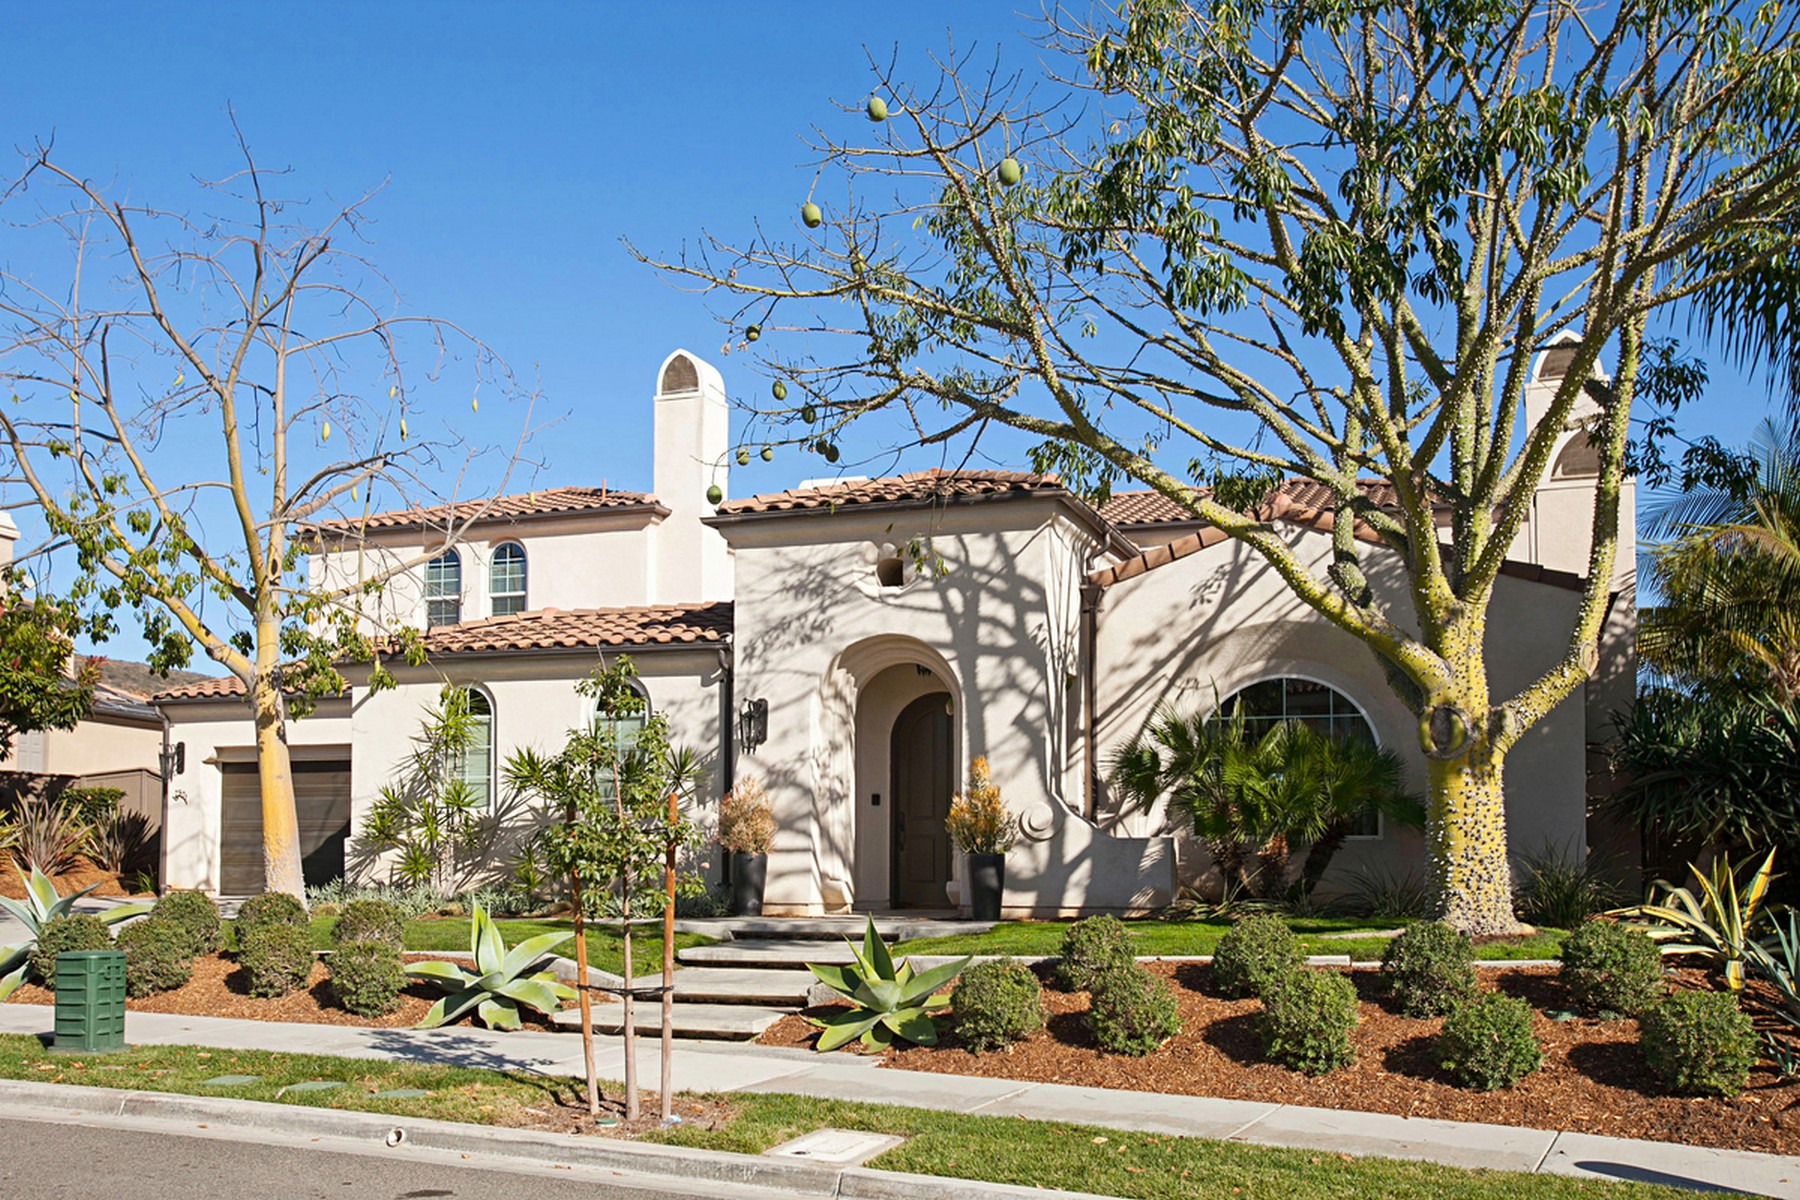 一戸建て のために 売買 アット 7571 Circulo Sequoia San Diego, カリフォルニア, 92009 アメリカ合衆国